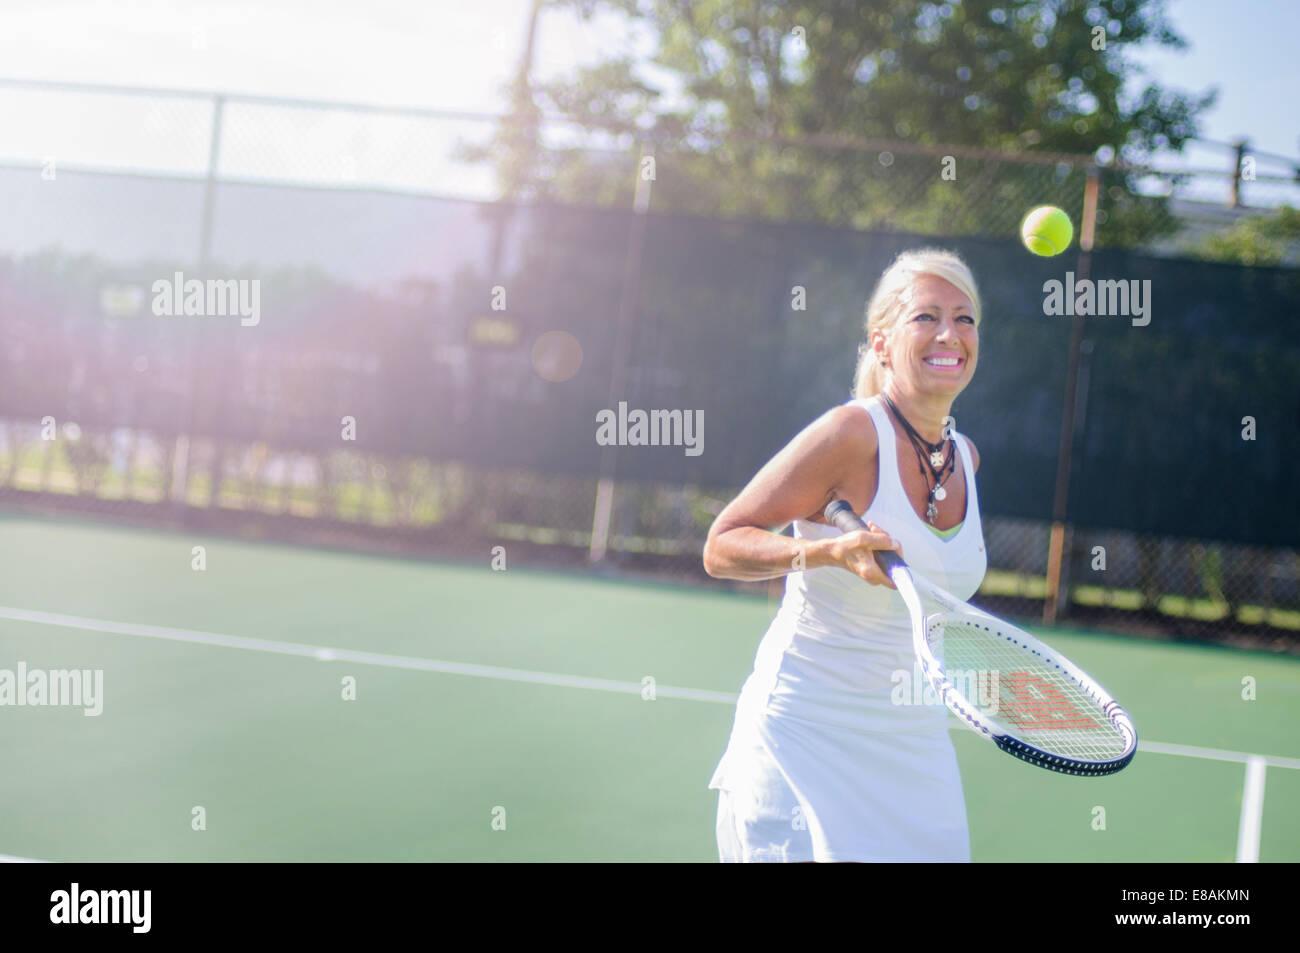 Sonriente mujer madura jugando a tenis Imagen De Stock